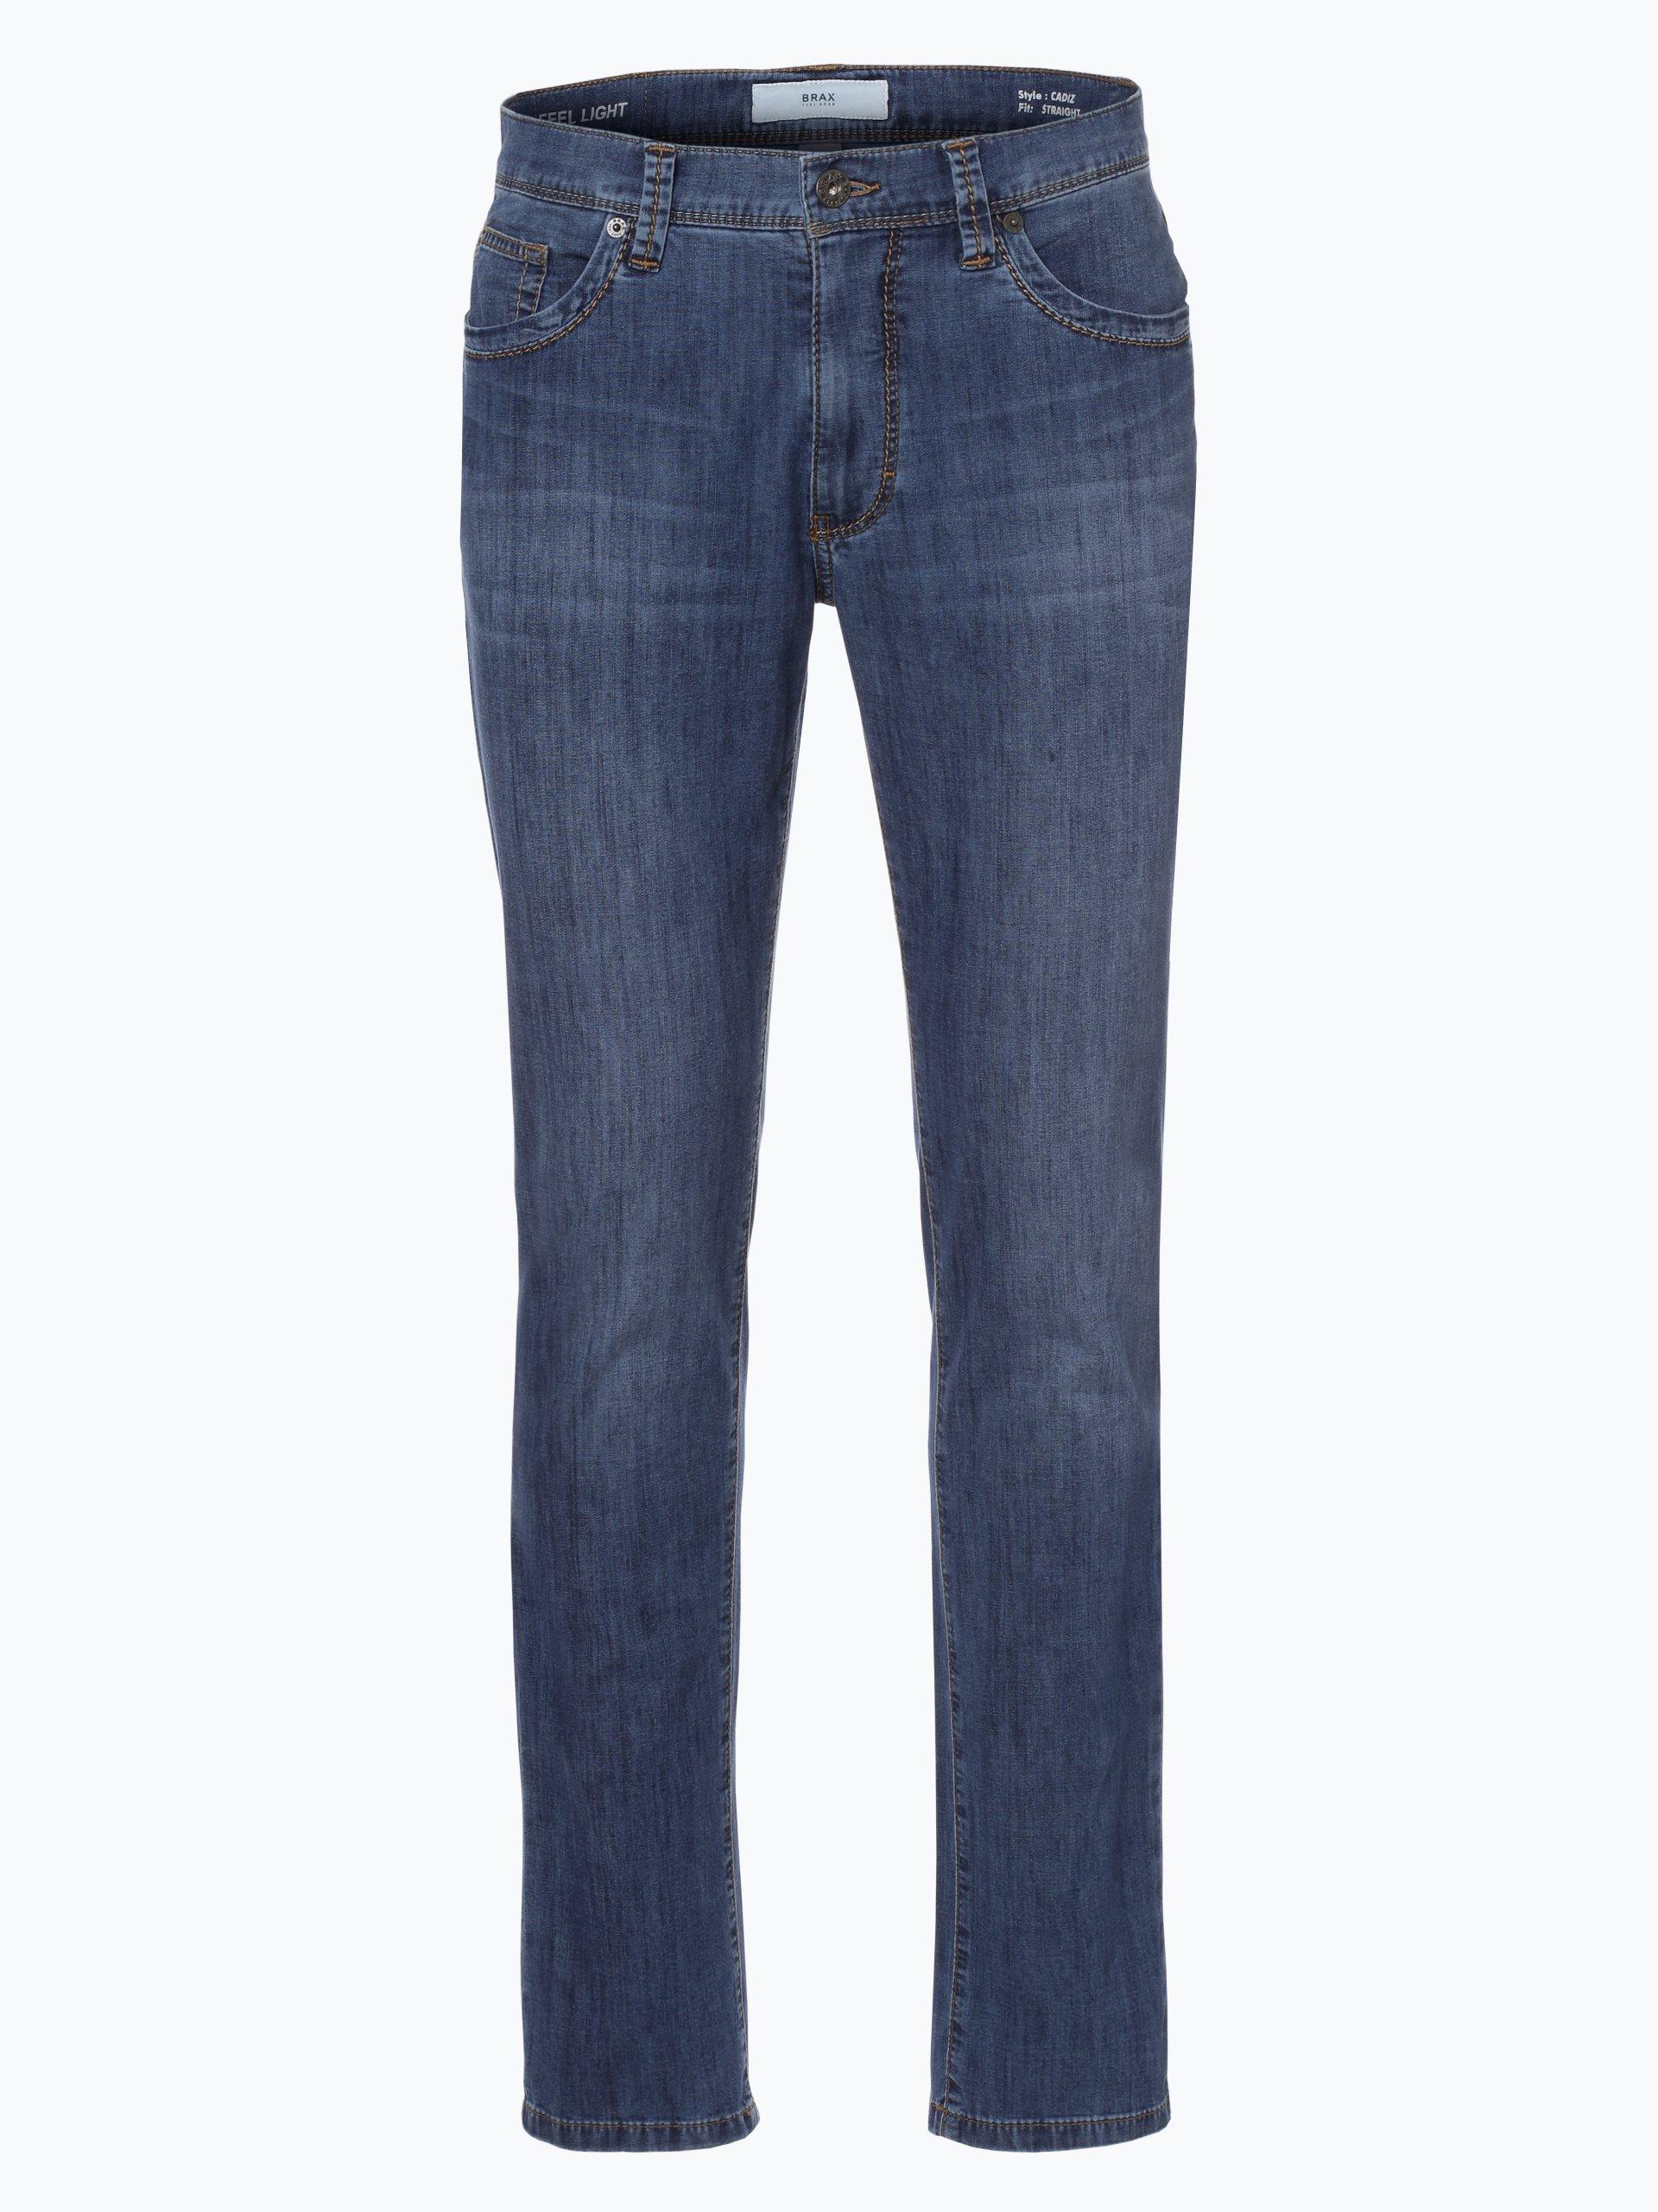 BRAX Herren Jeans - Cadiz